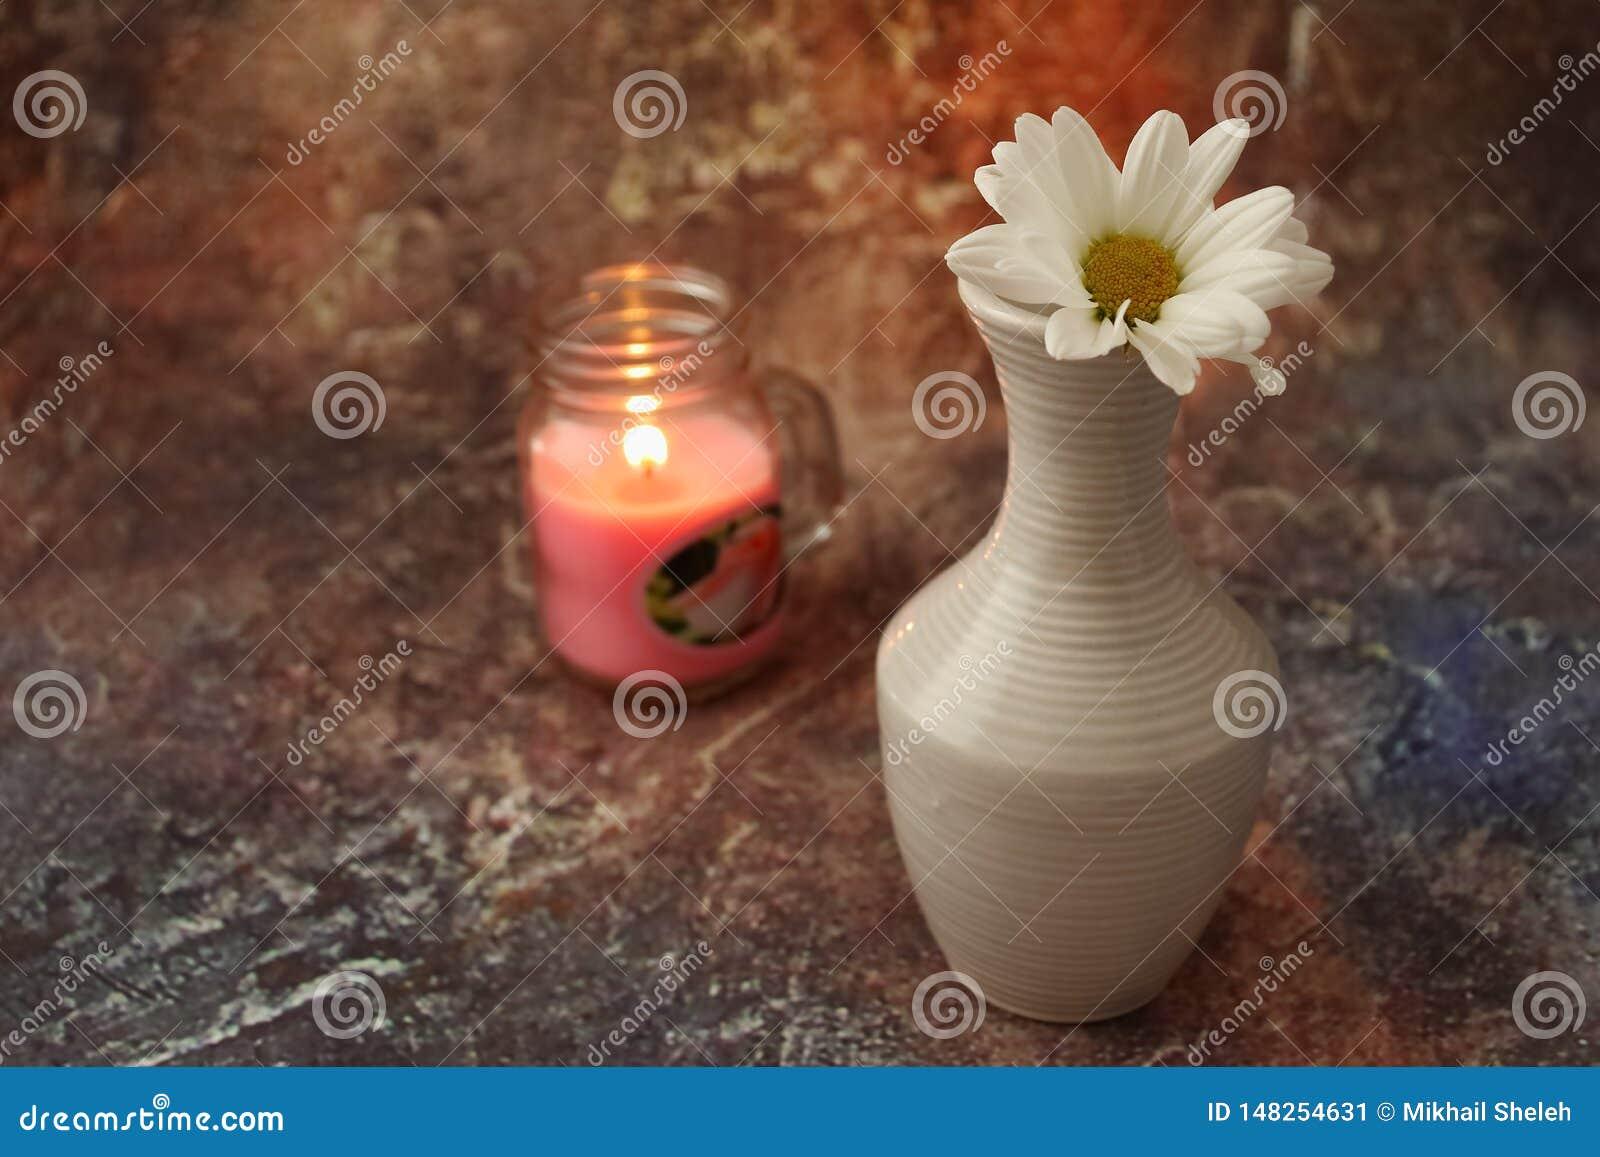 早晨咖啡急忙:一杯咖啡、花在花瓶,干果子和甜点在花瓶,一个灼烧的蜡烛